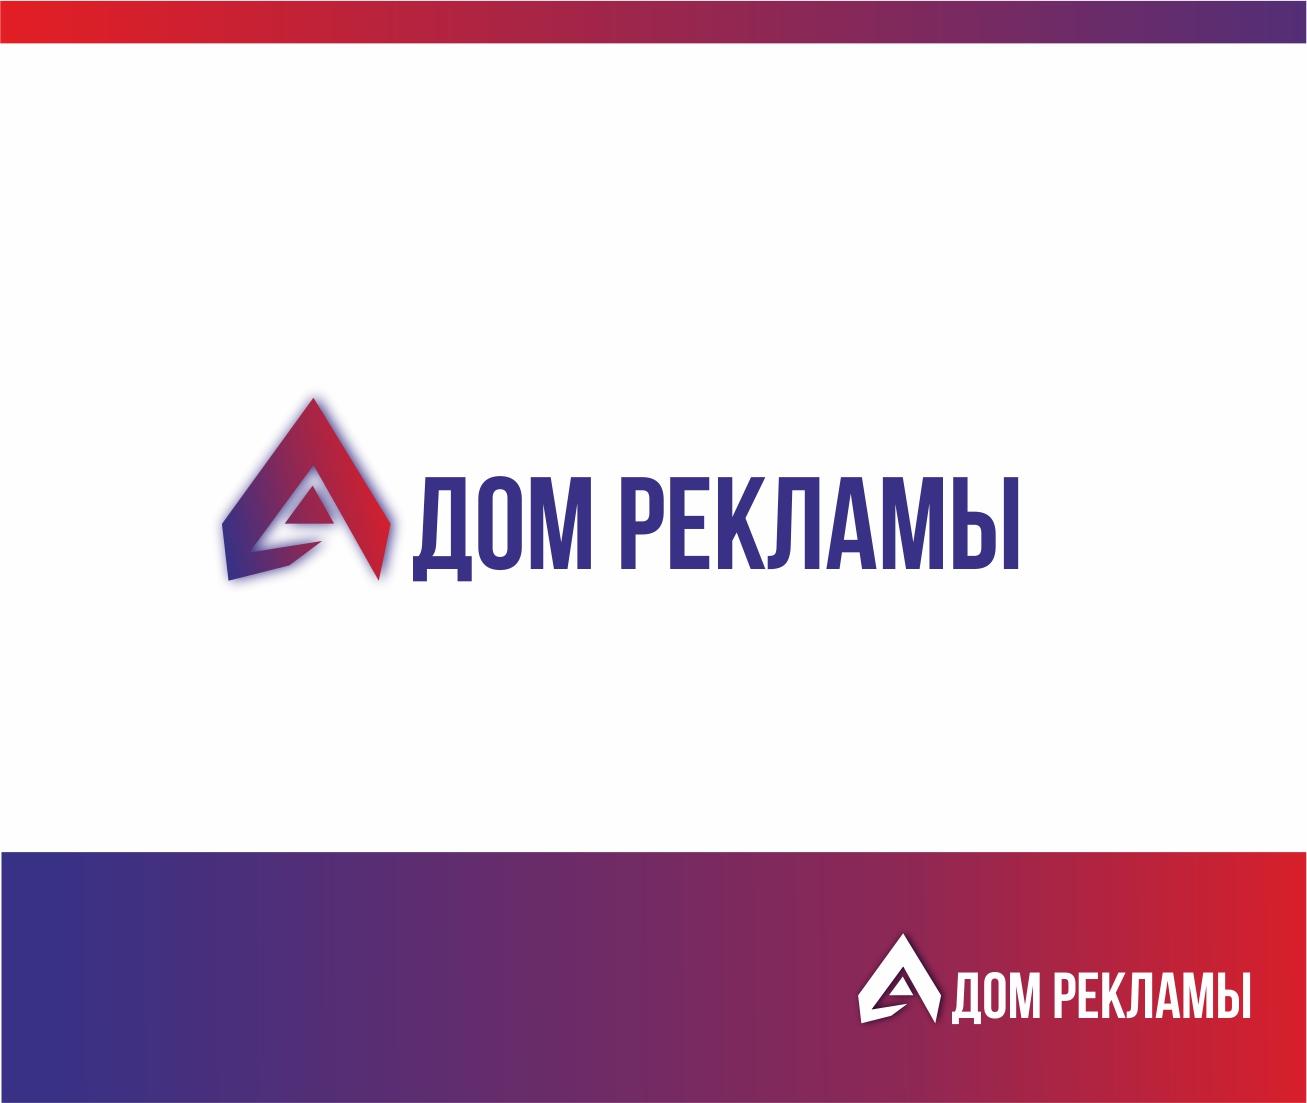 Дизайн логотипа рекламно-производственной компании фото f_2735edc094a236ee.jpg